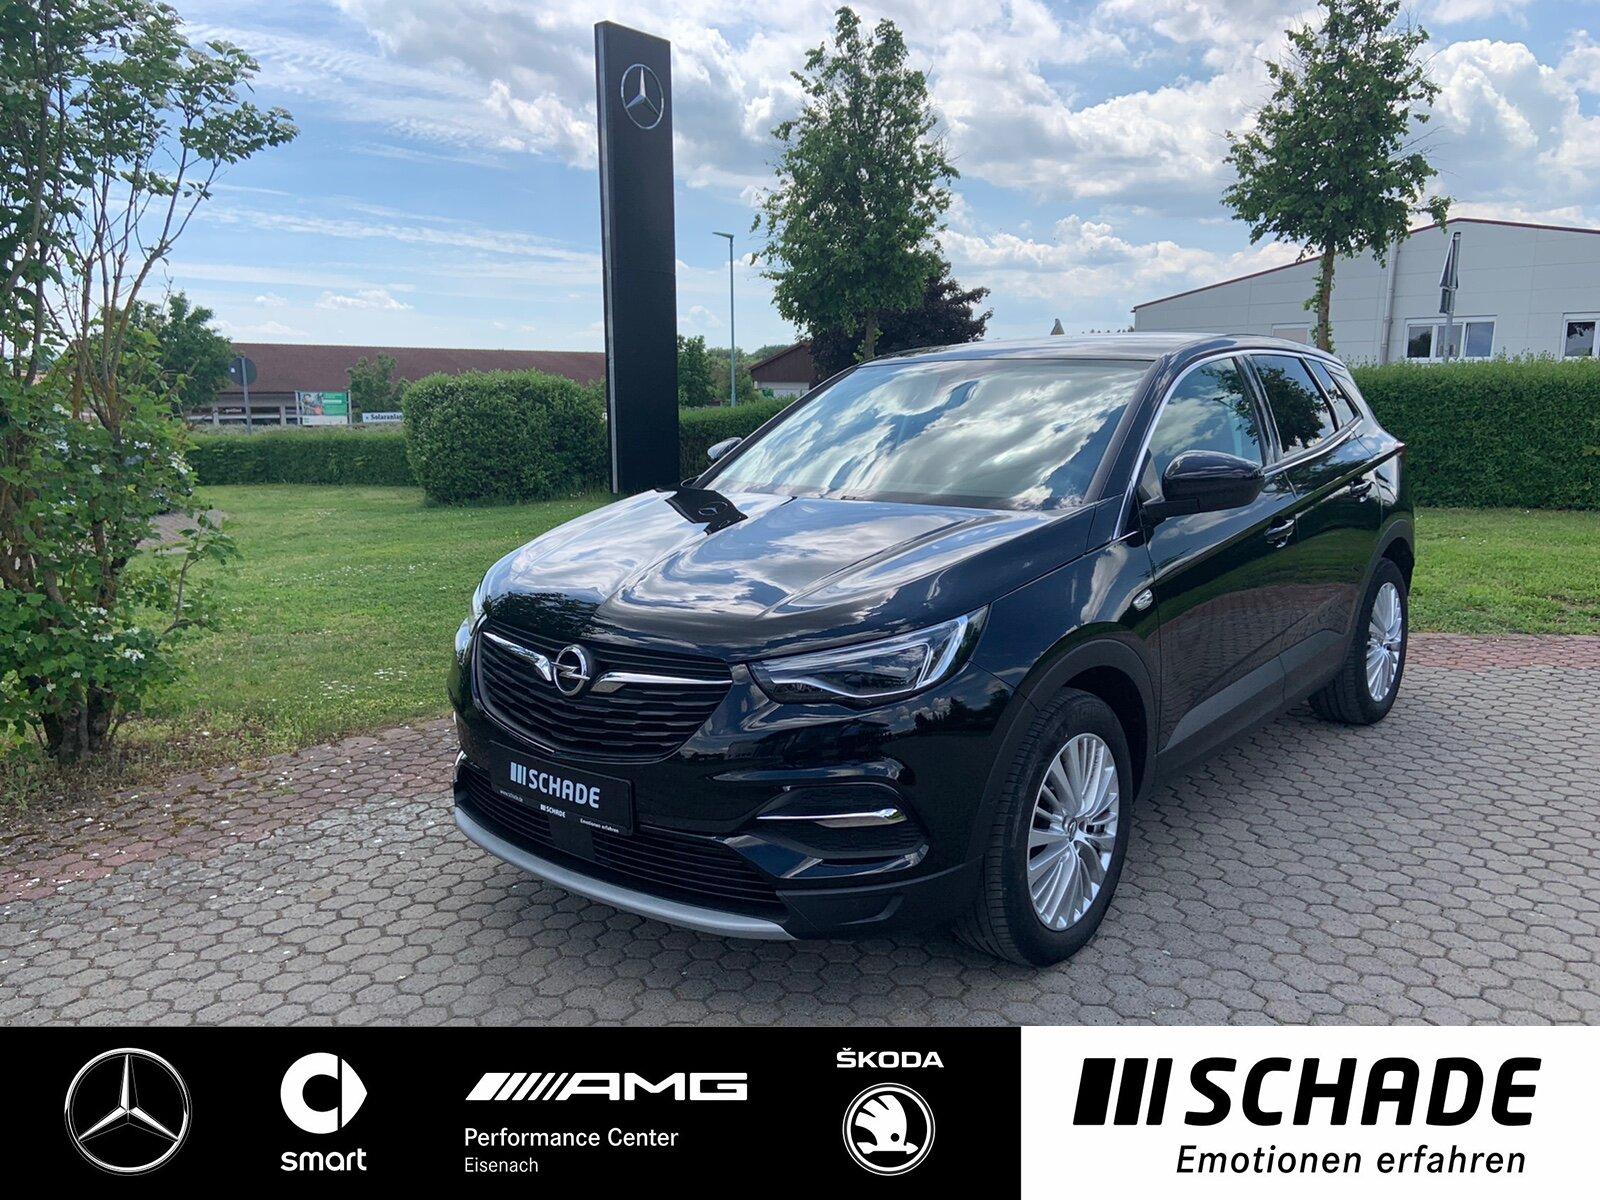 Opel Grandland X 1.6 CDTI Dynamic *AHK*LED*Apple Car*, Jahr 2018, Diesel